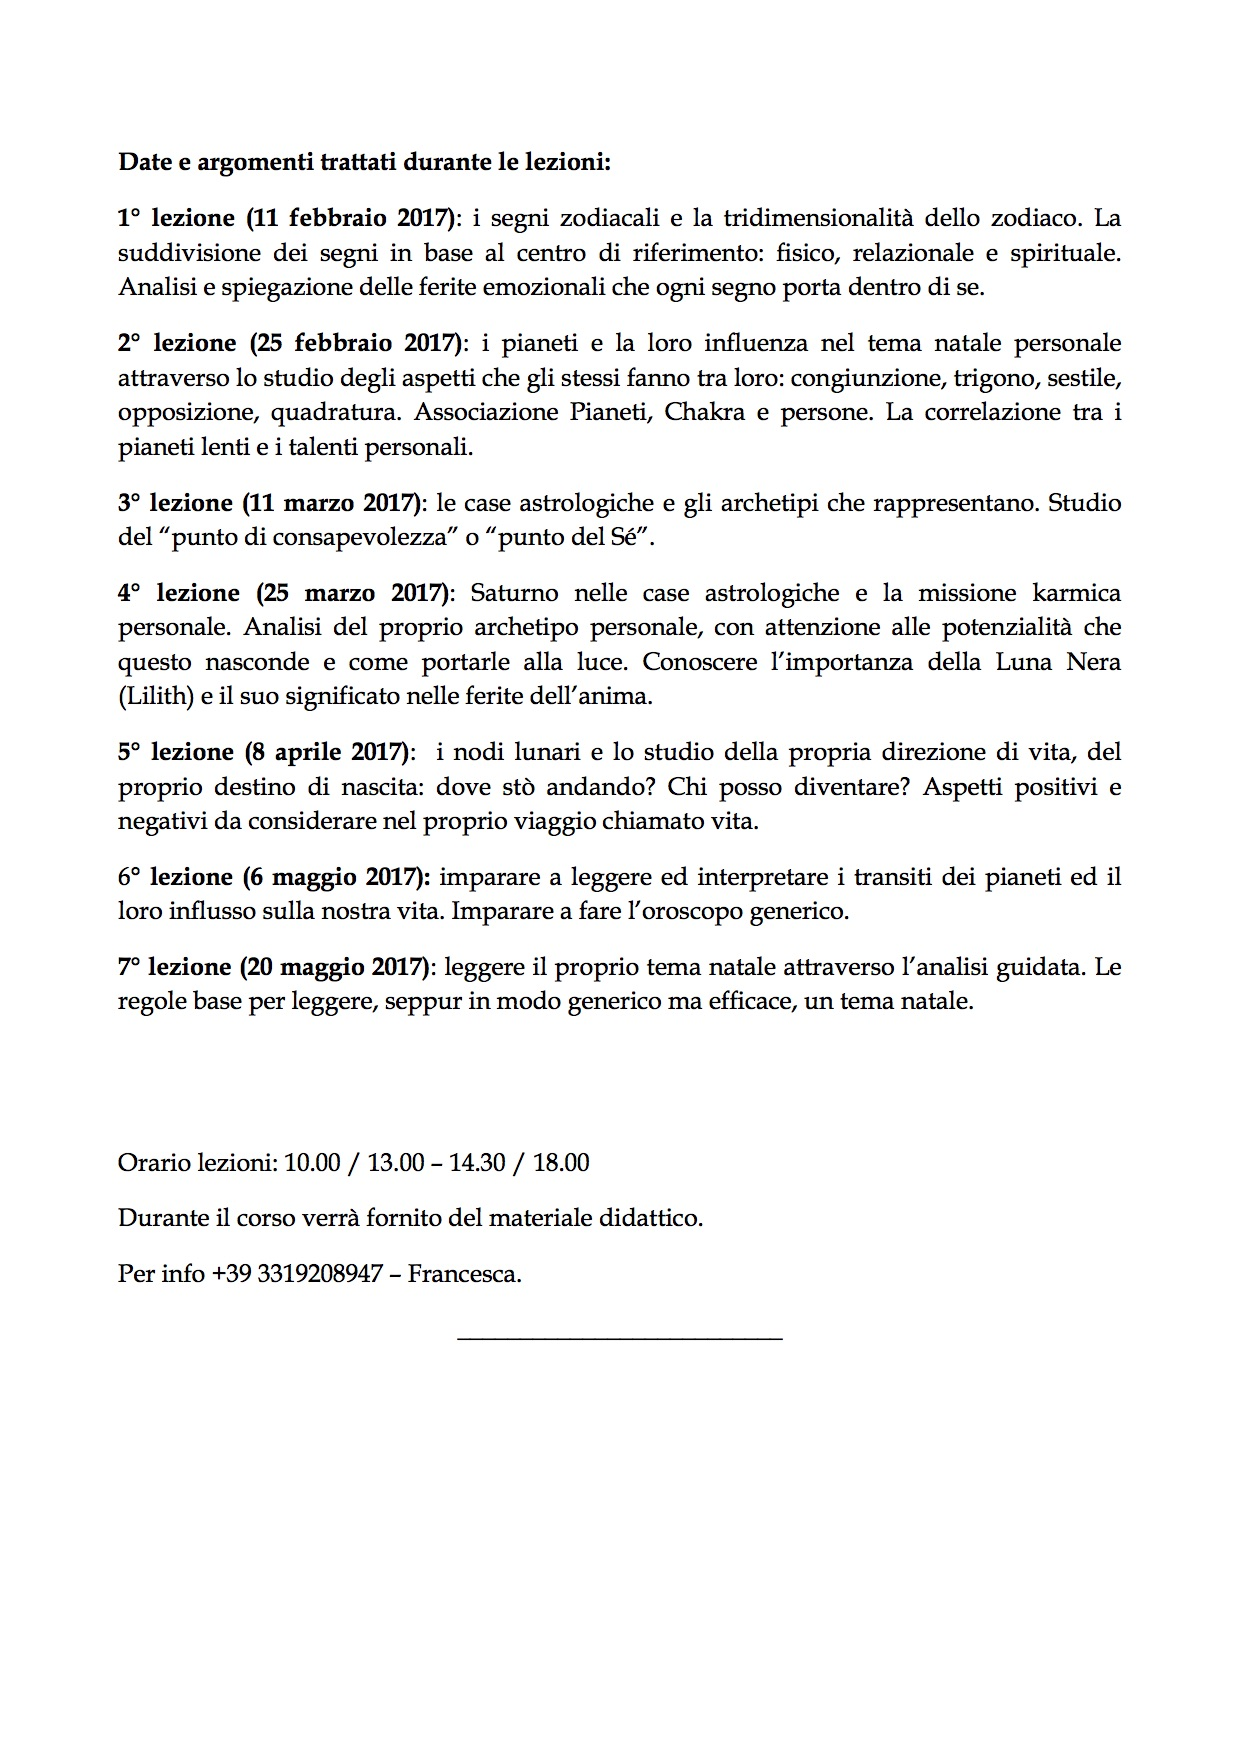 CORSO DI ASTROLOGIA 2Bologna 2